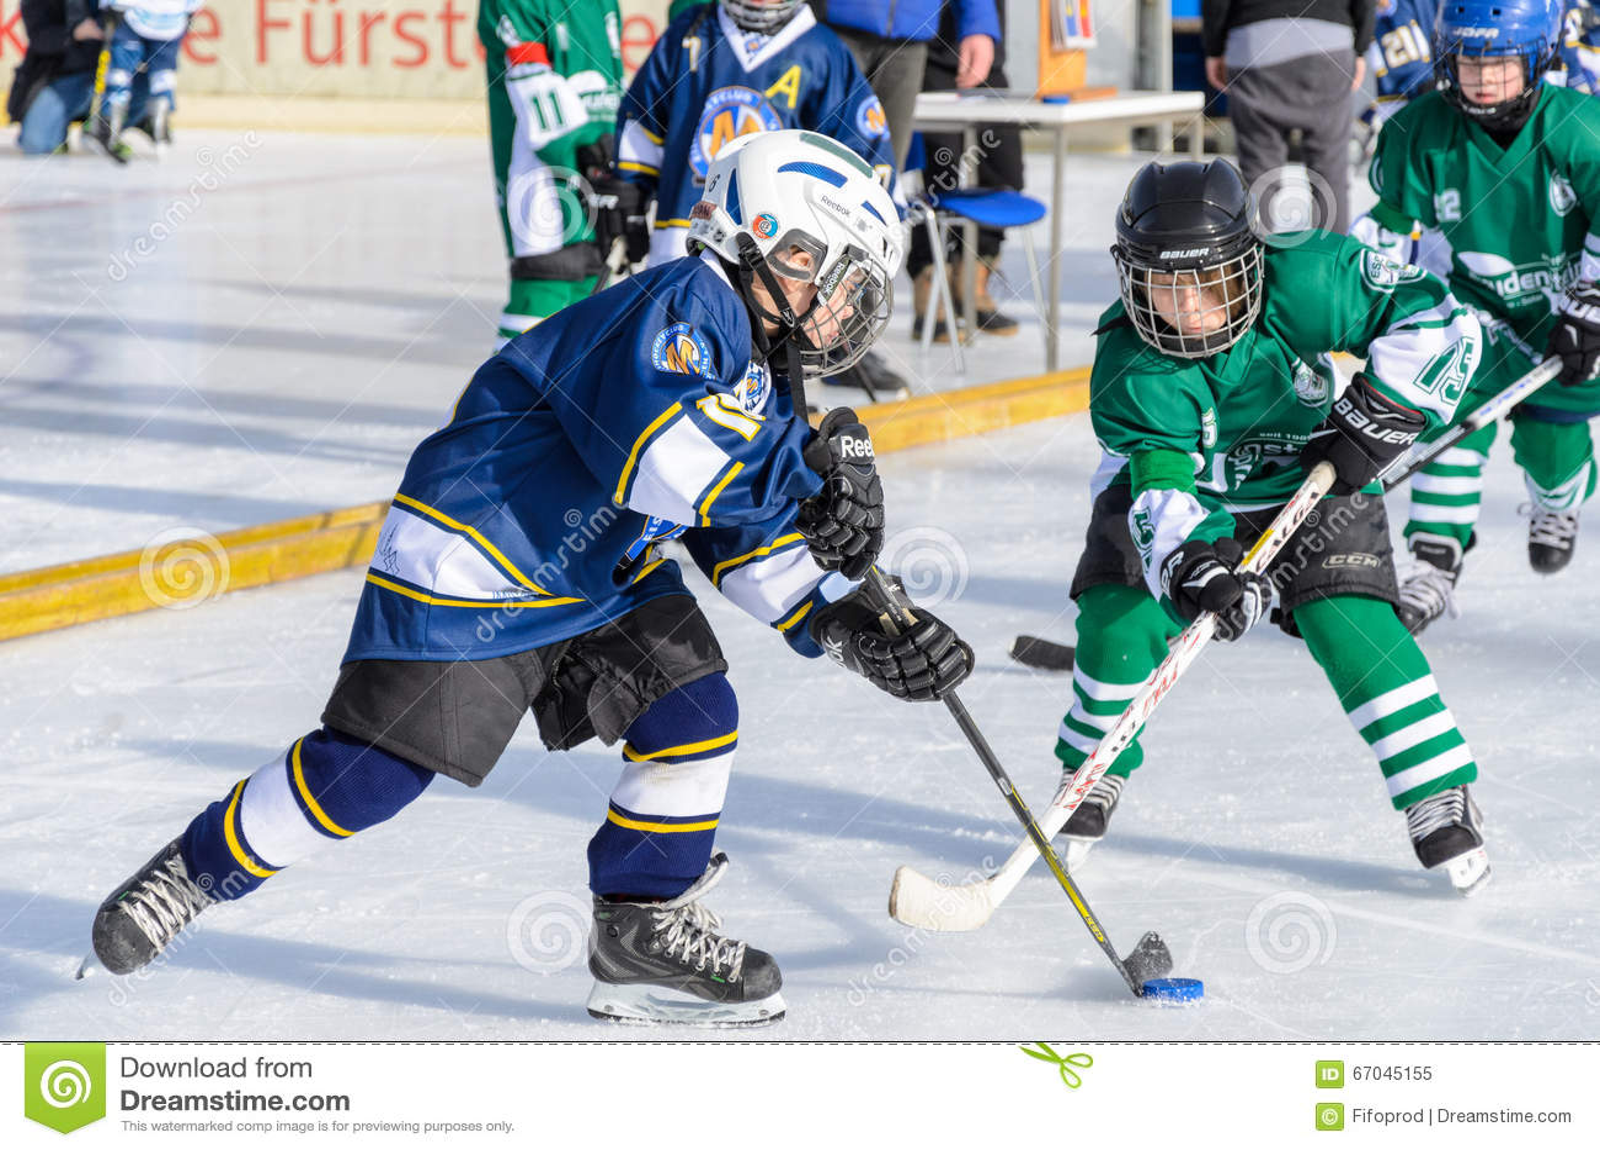 Eishockey Spiele